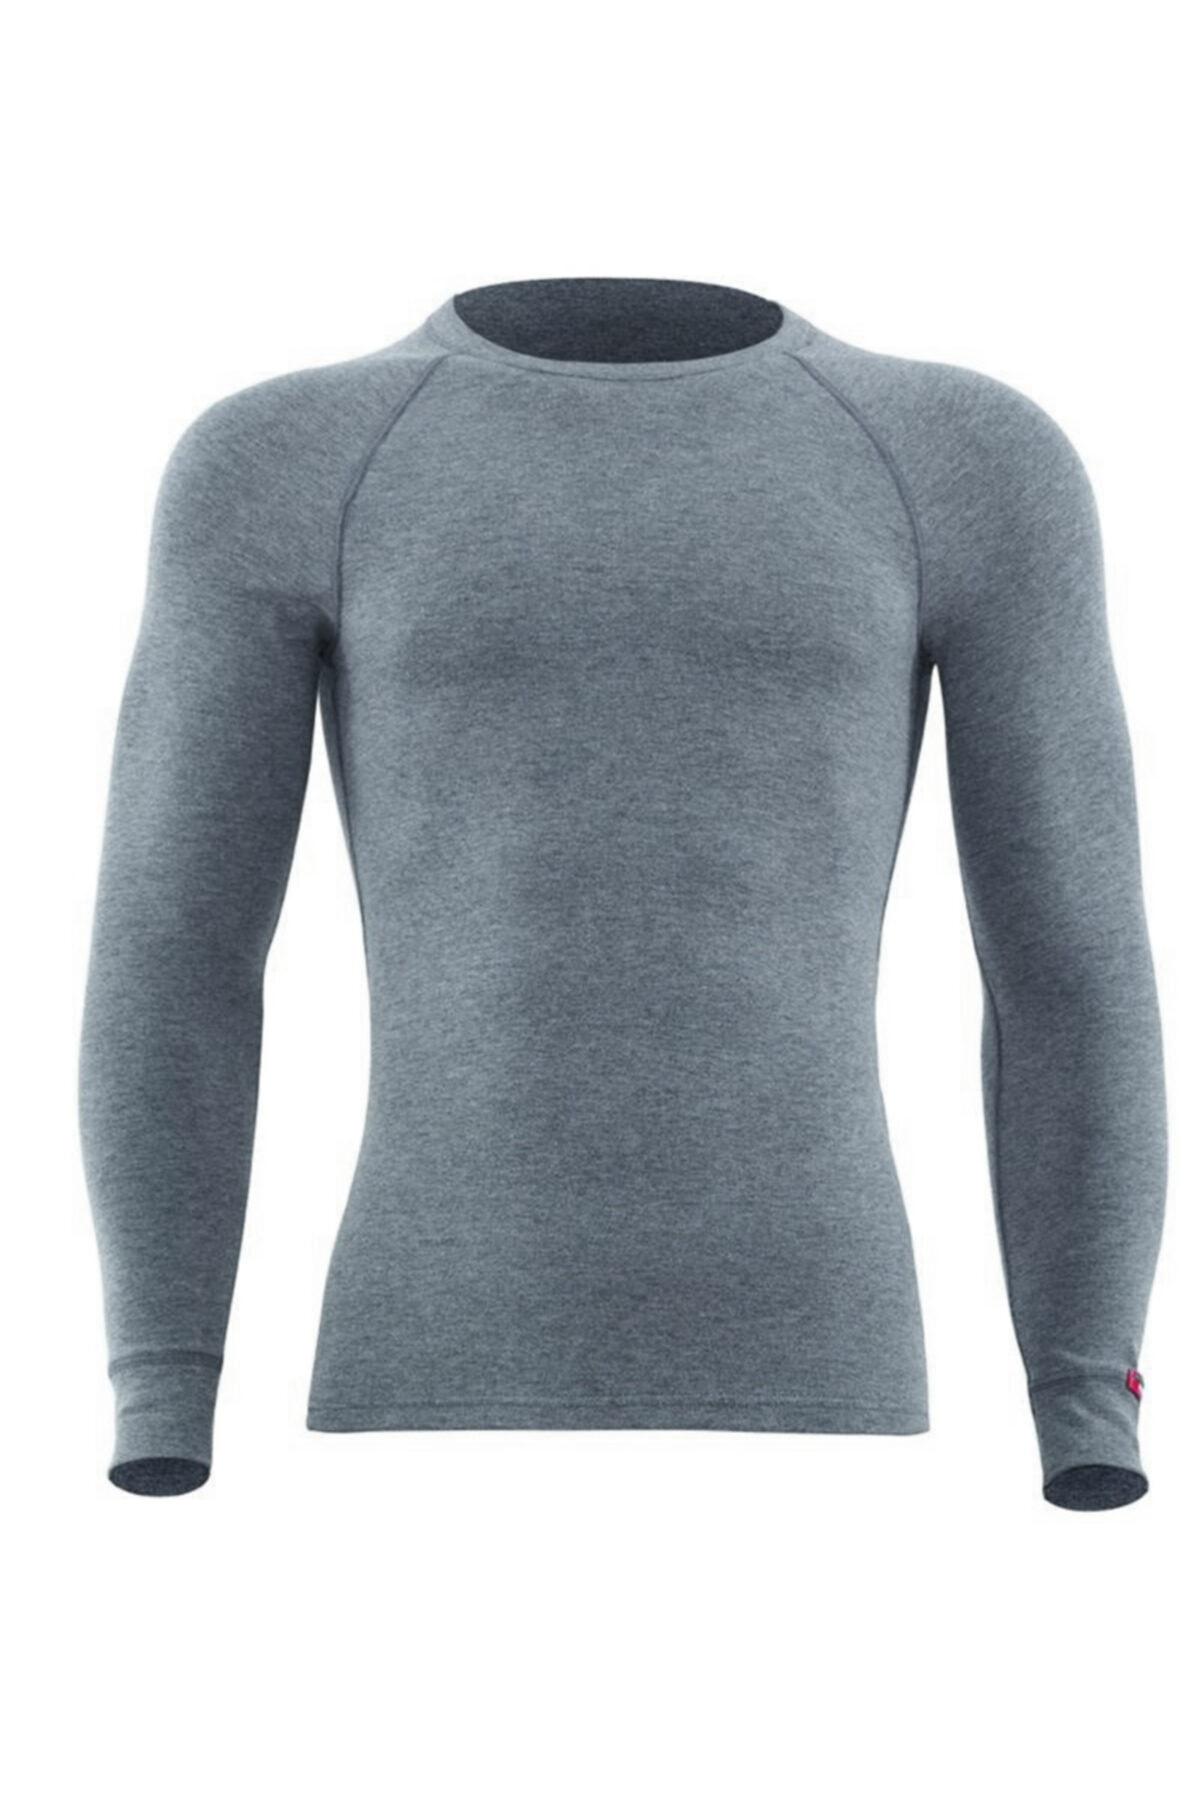 Blackspade Erkek Termal Tişört 2. Seviye 9259 - Gri Melanj 1